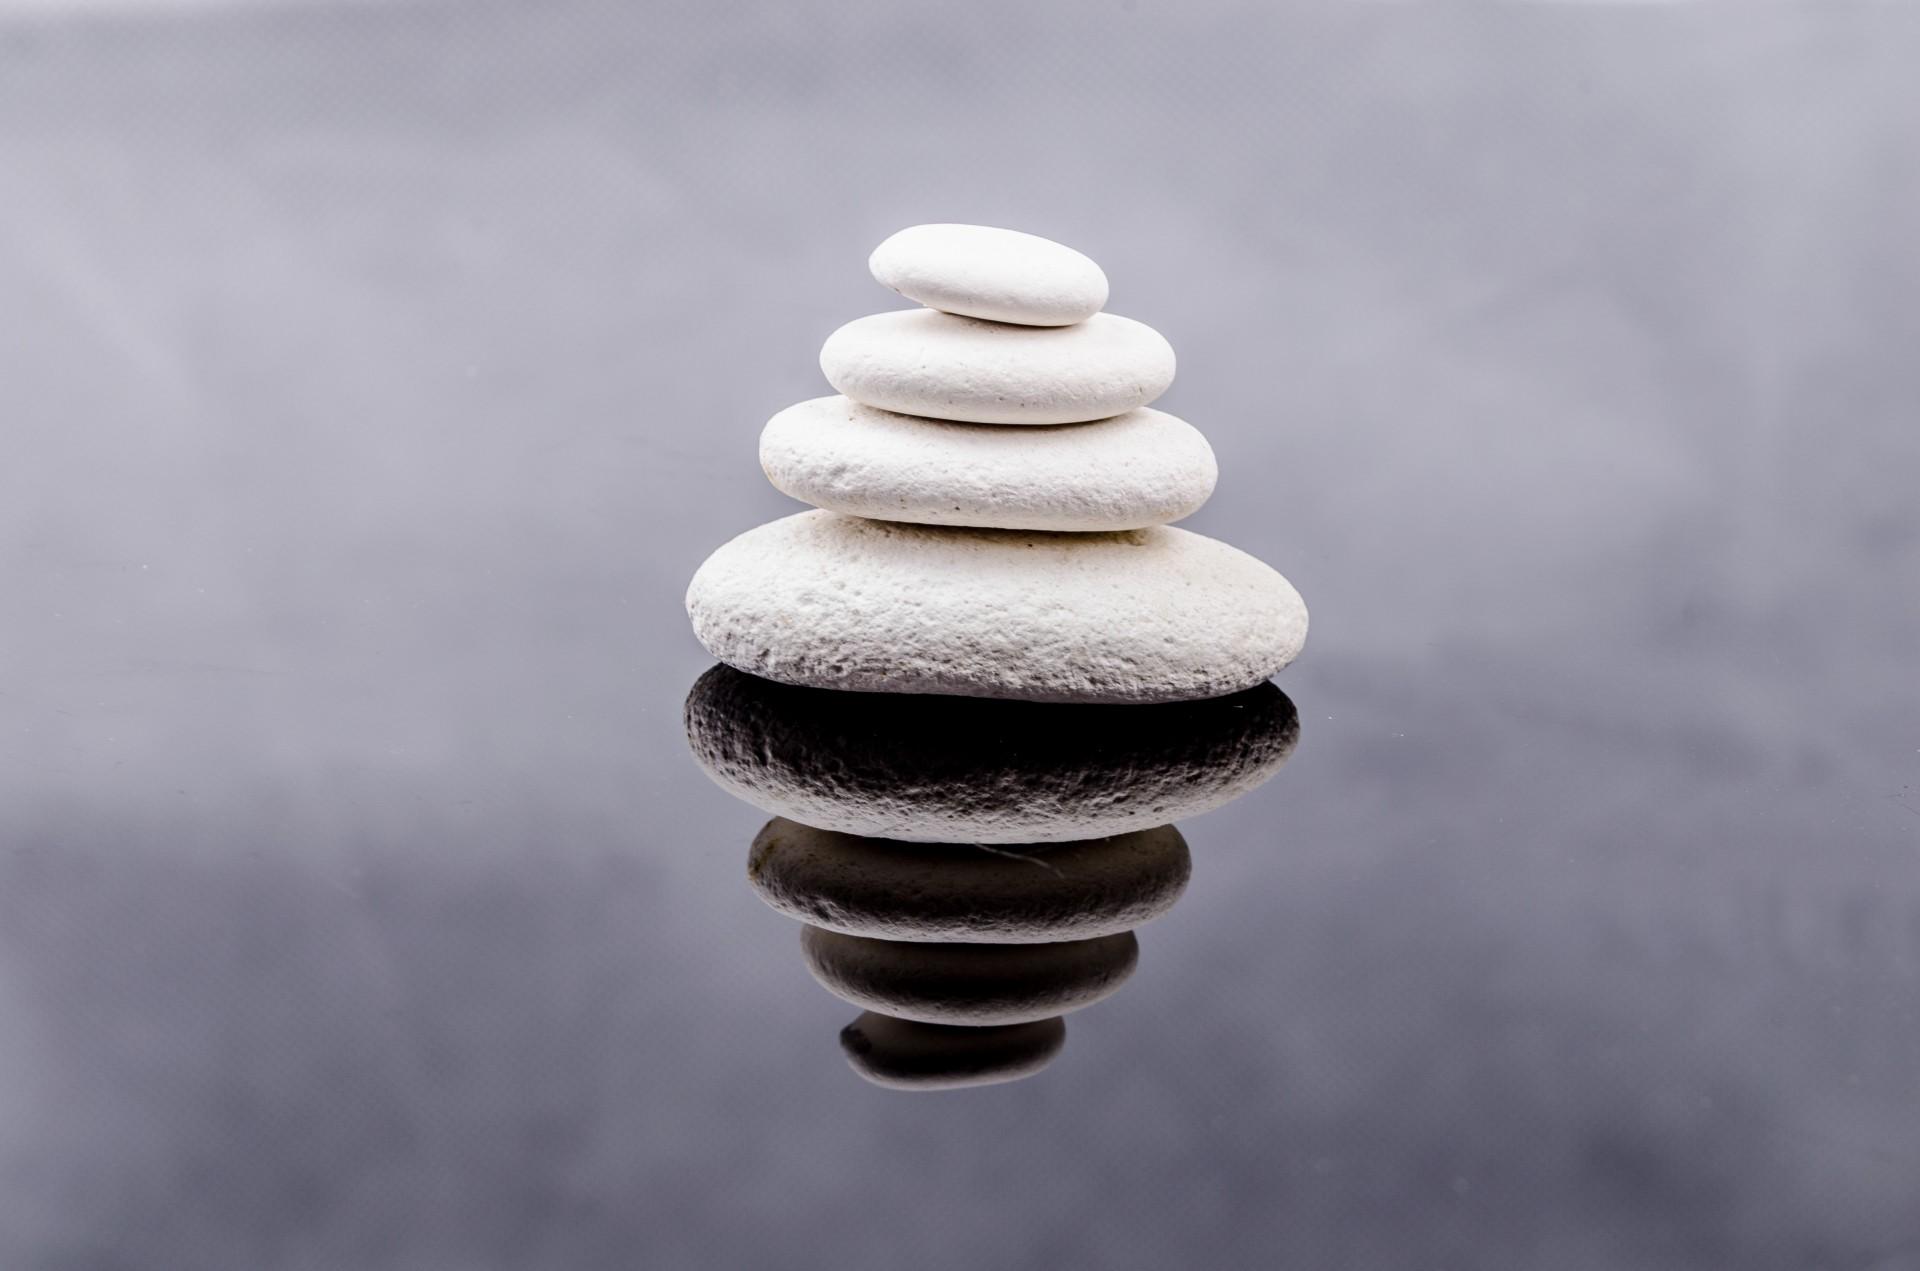 zen-stones-1395147656aNV.jpg